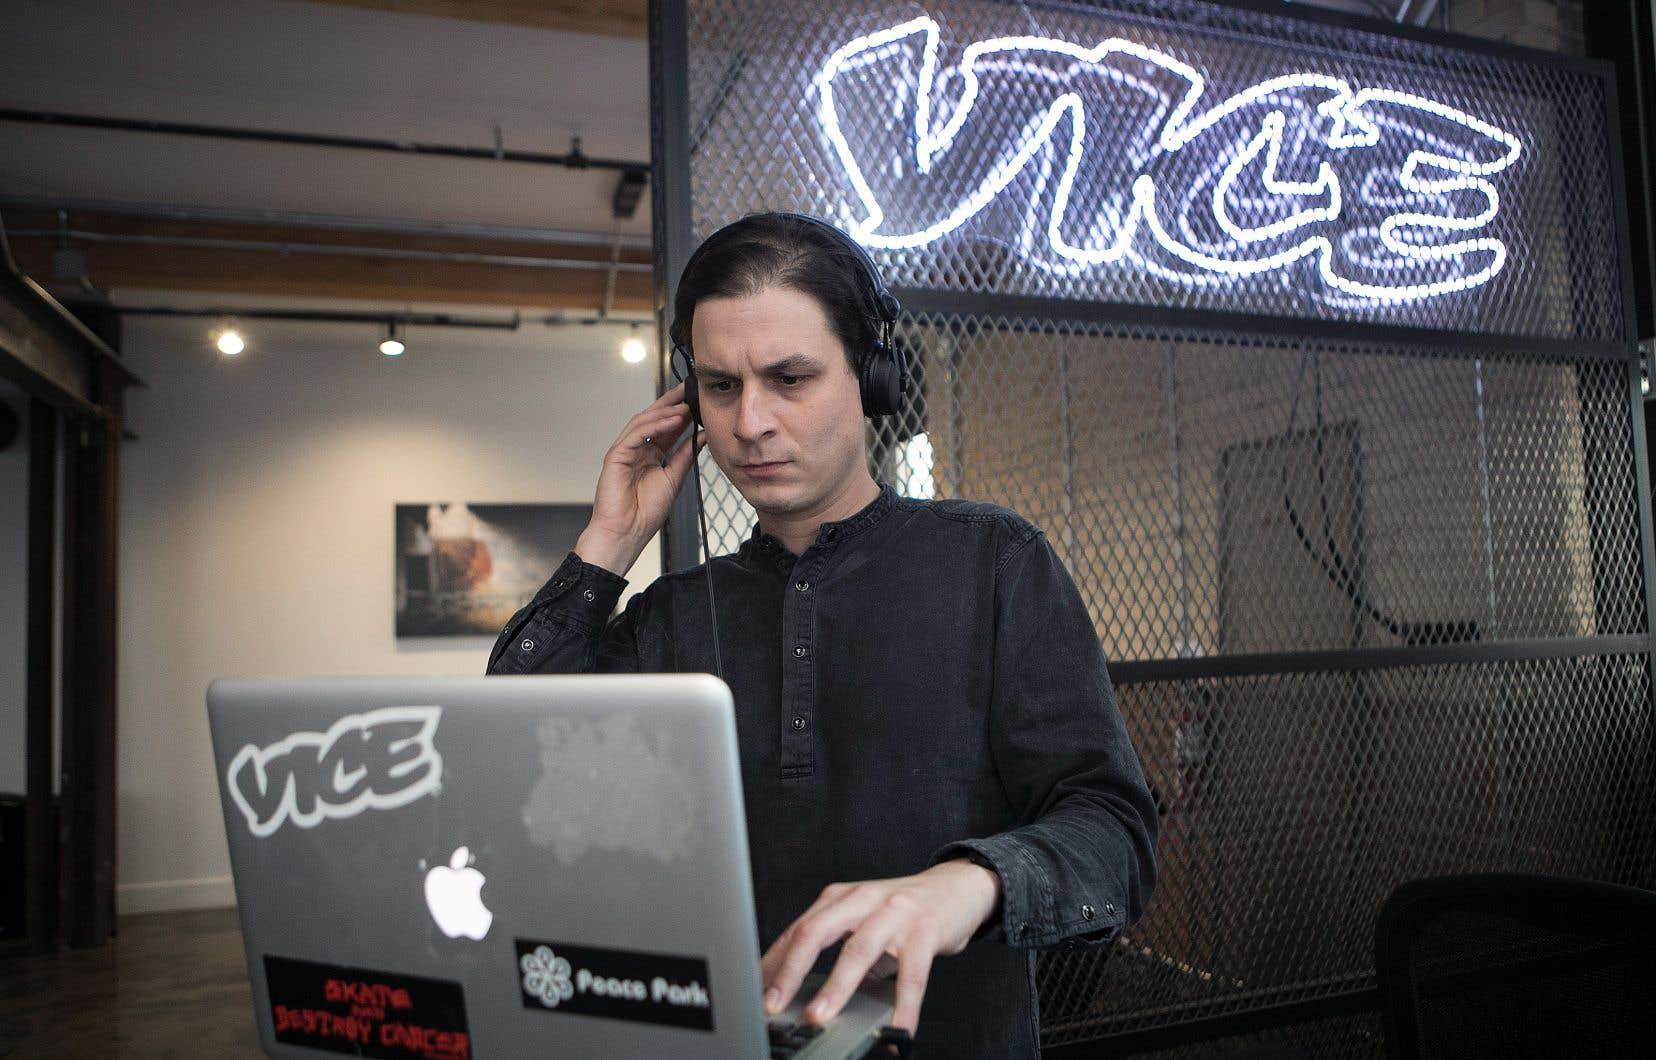 Ces quatre dernières années, Simon Coutu a couvert la scène rap québécoise pour «Vice», un média en marge des zones éclairées. Son expérience et l'étiquette de son média lui ont ouvert des portes et l'ont aidé à obtenir la confiance de plusieurs rappeurs, qui se confient à lui.